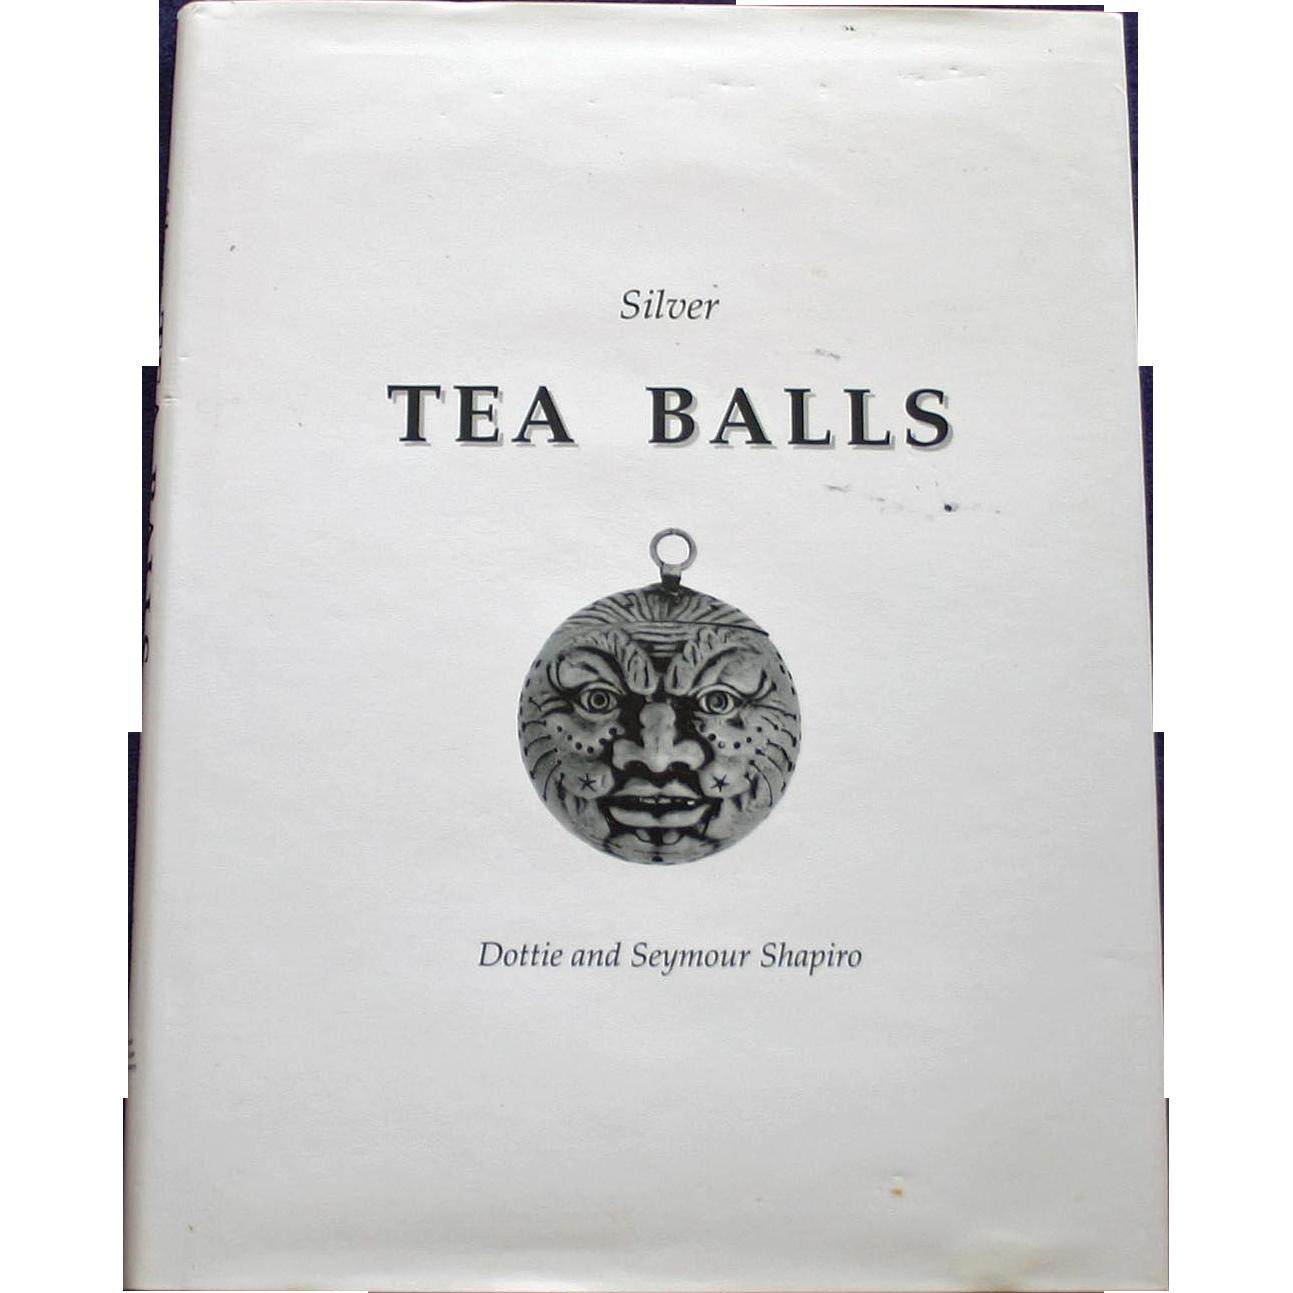 Silver Tea Balls by Dottie and Seymour Shapiro, Rare Book